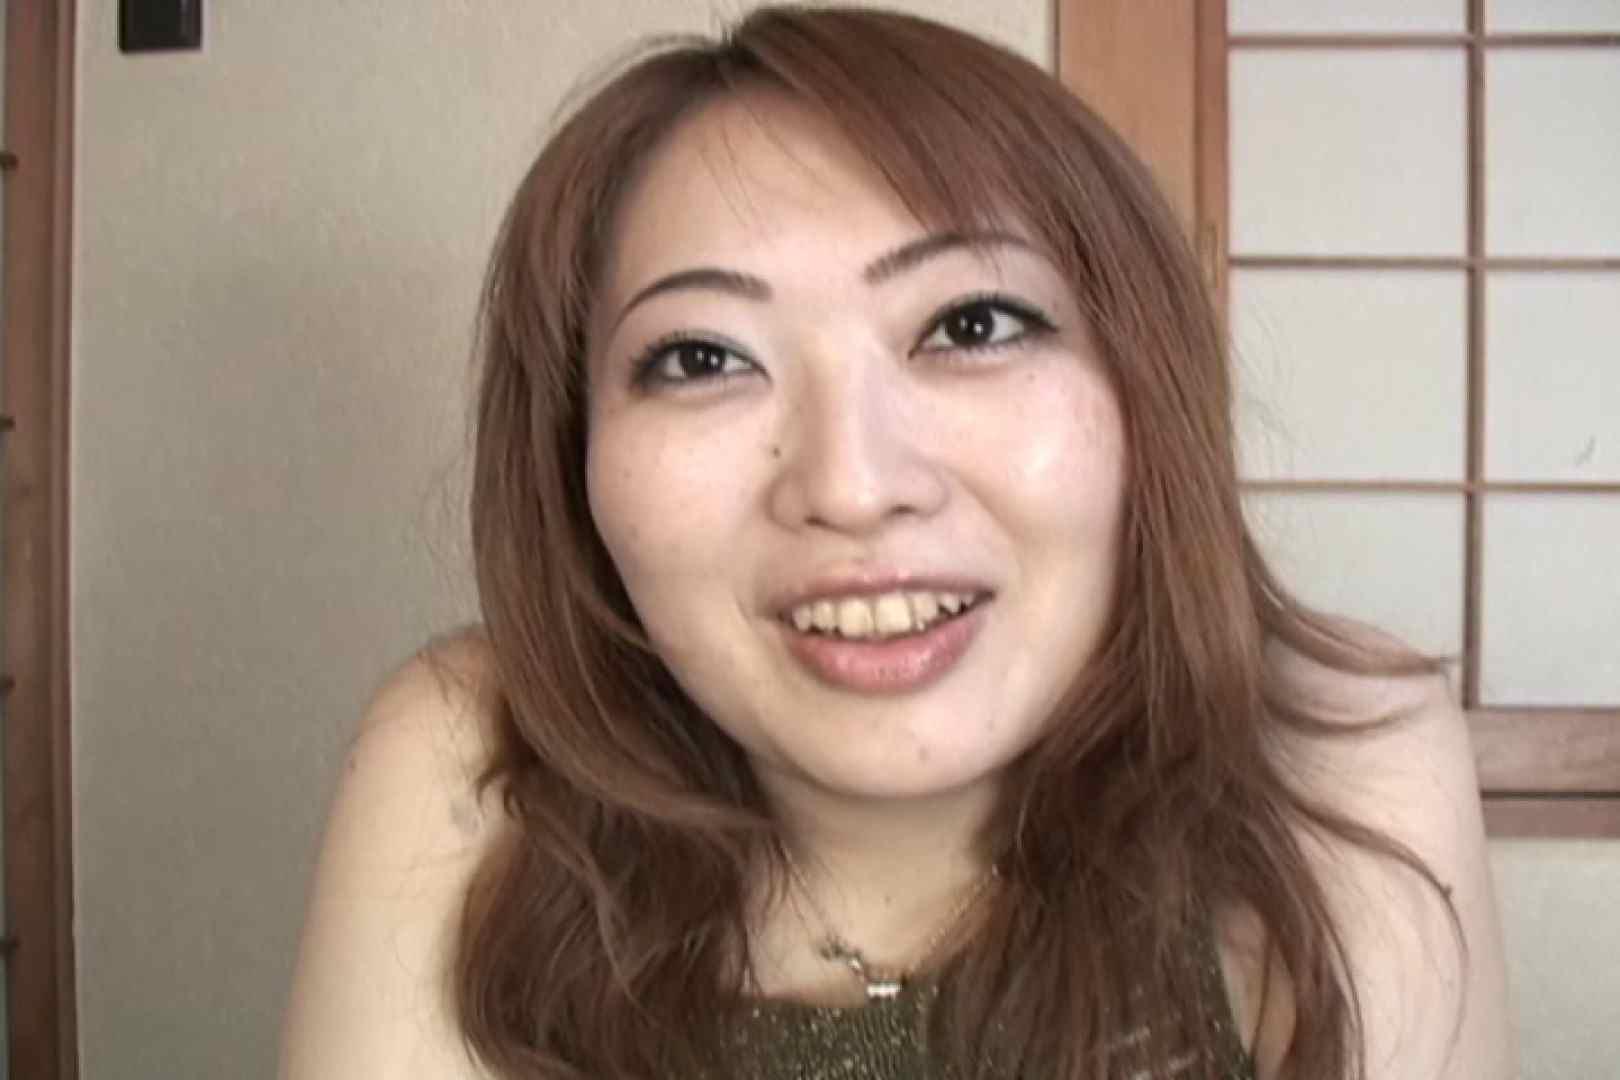 仕事で月200本のチンポを相手する22歳若人妻~桜井あい~ 本番  55pic 48